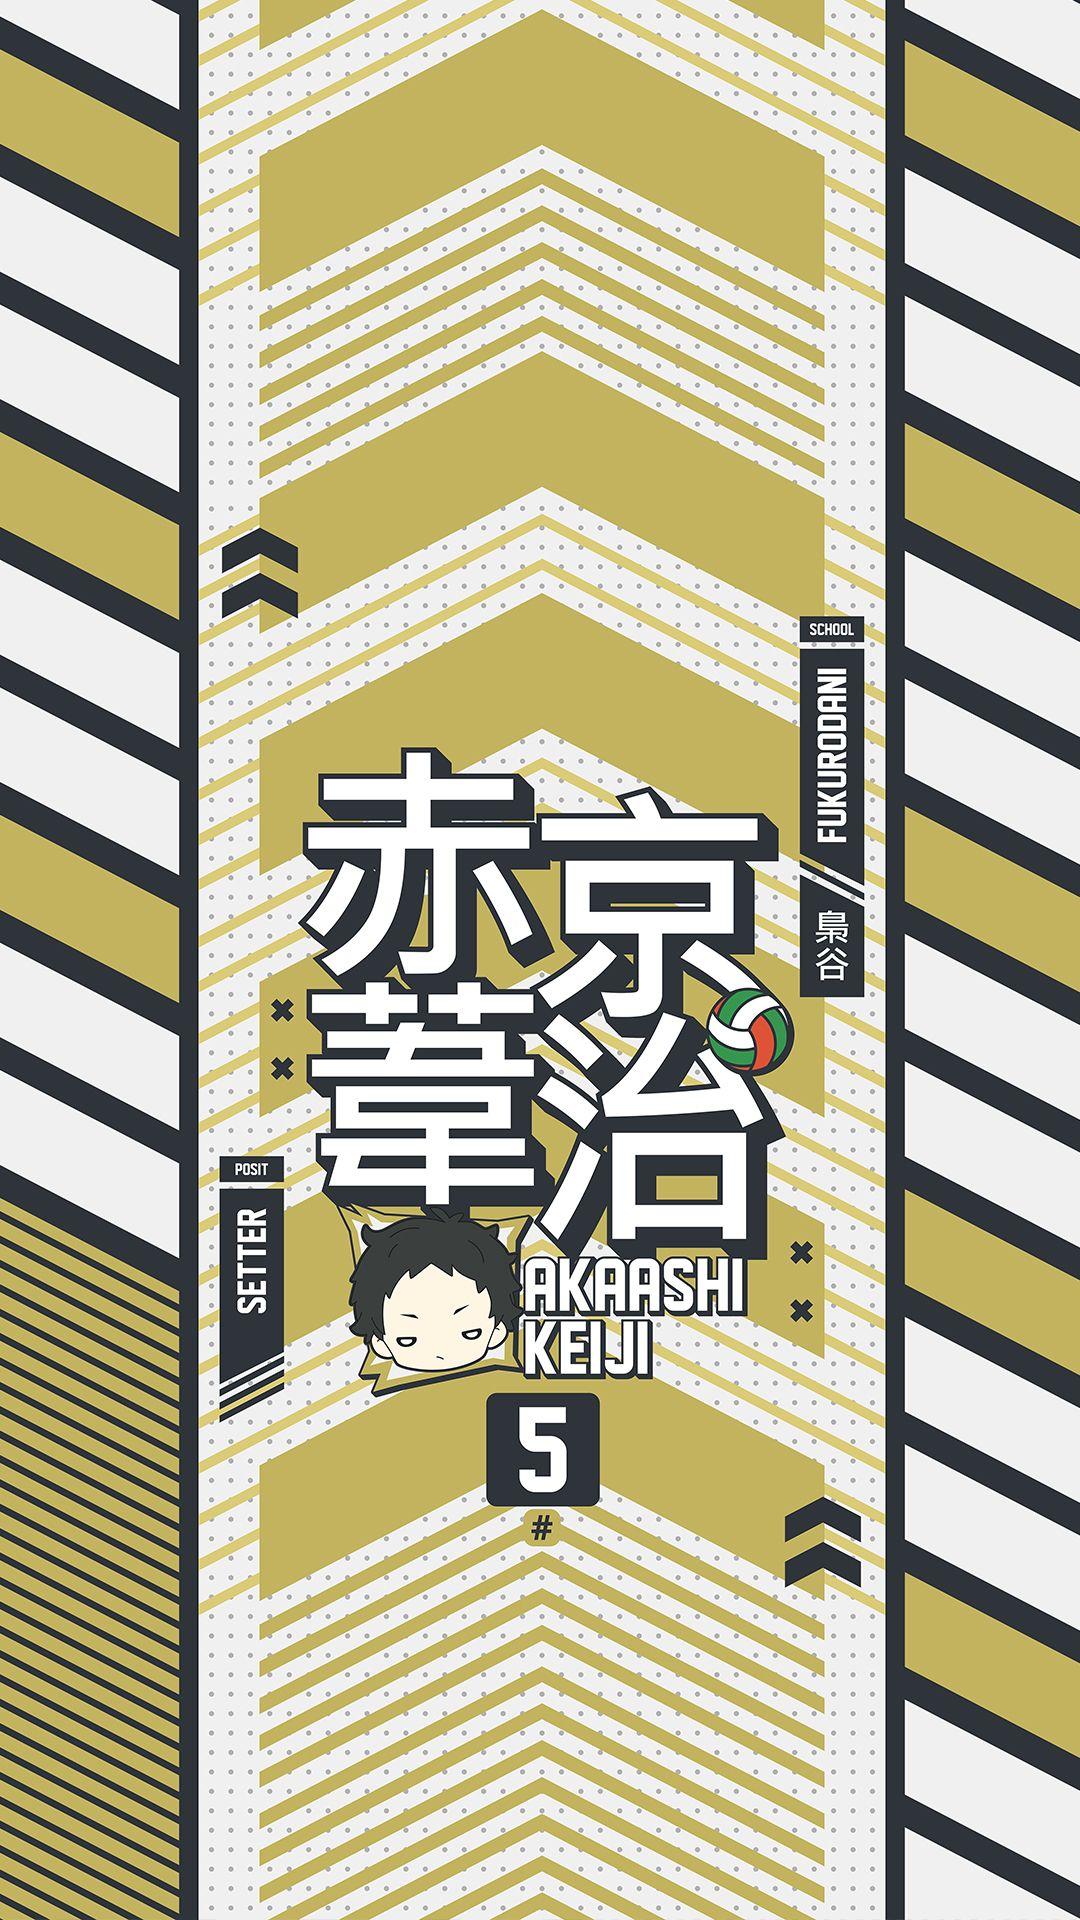 Akaashi Keiji Fukurodani Haikyuu Wallpaper In 2020 Haikyuu Wallpaper Anime Wallpaper Iphone Cute Anime Wallpaper